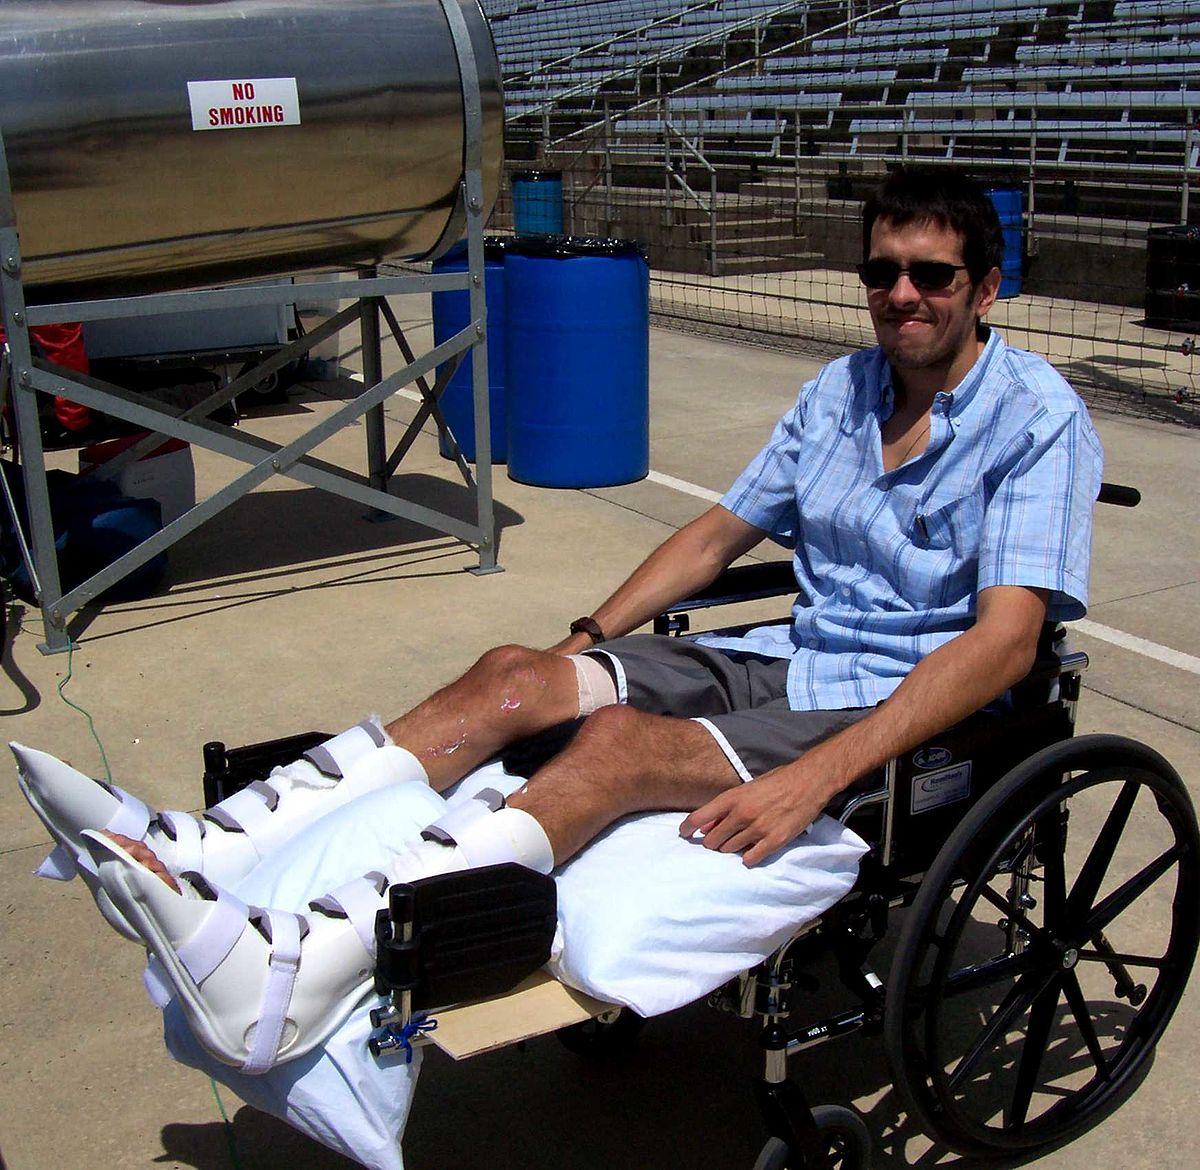 Px Pabloperez on Indy Race Car